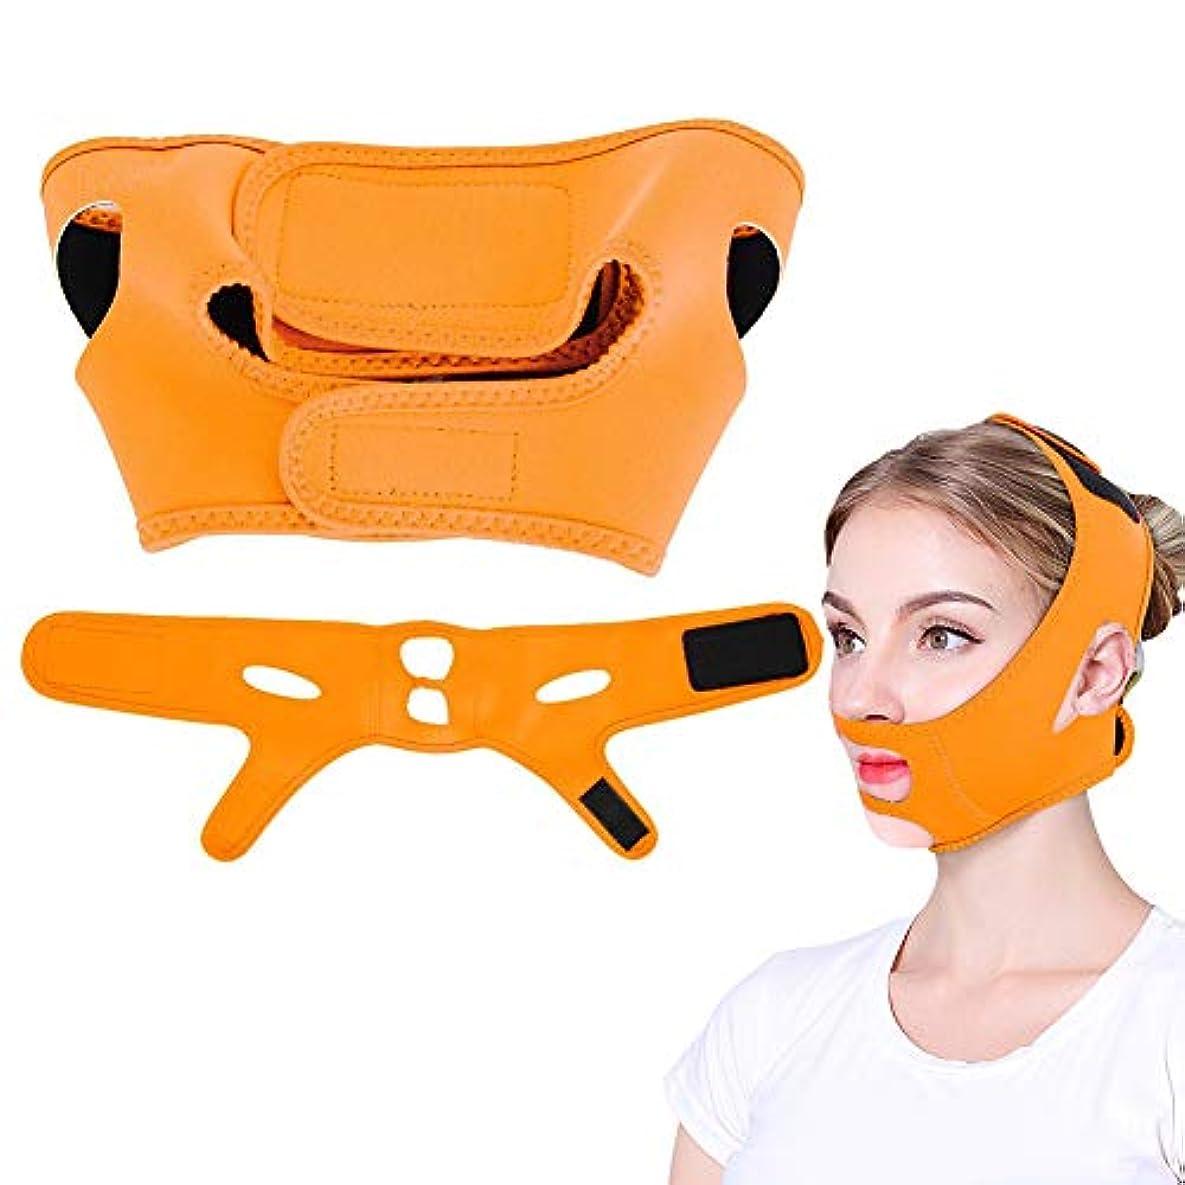 辞任する航空便放棄フェイススリミング包帯小 顔 美顔 矯正、顎リフト フェイススリミングマスク (オレンジ)